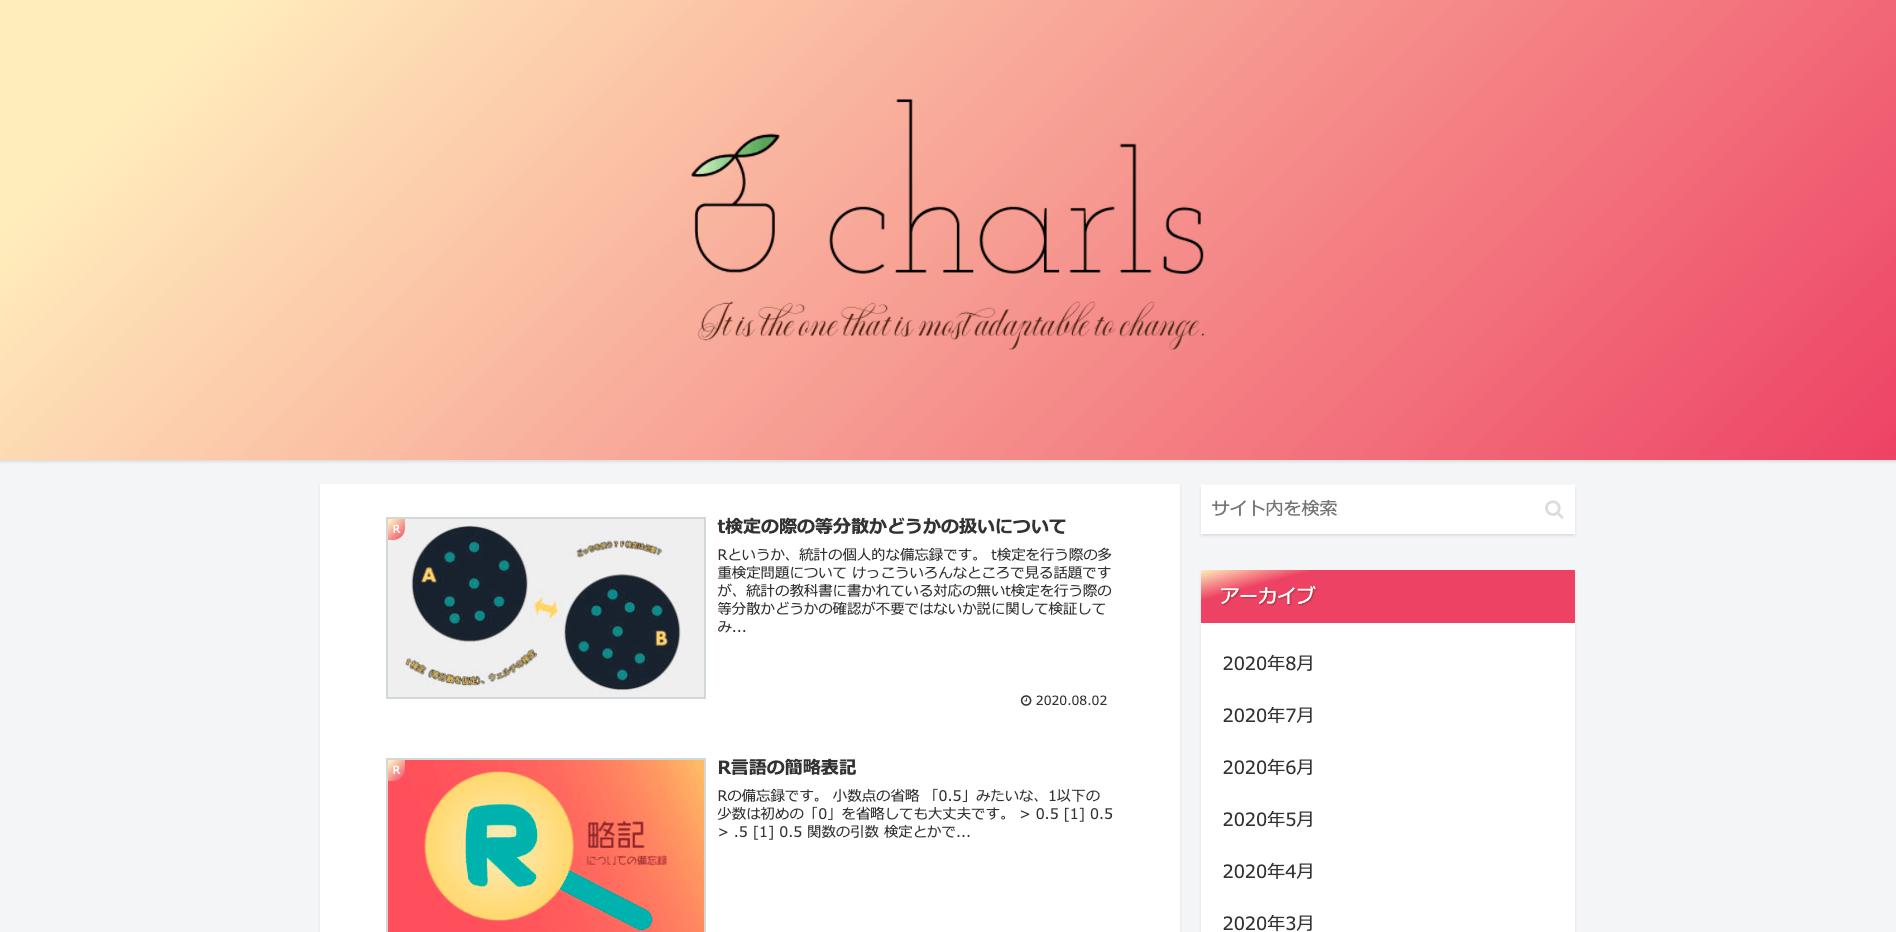 charls